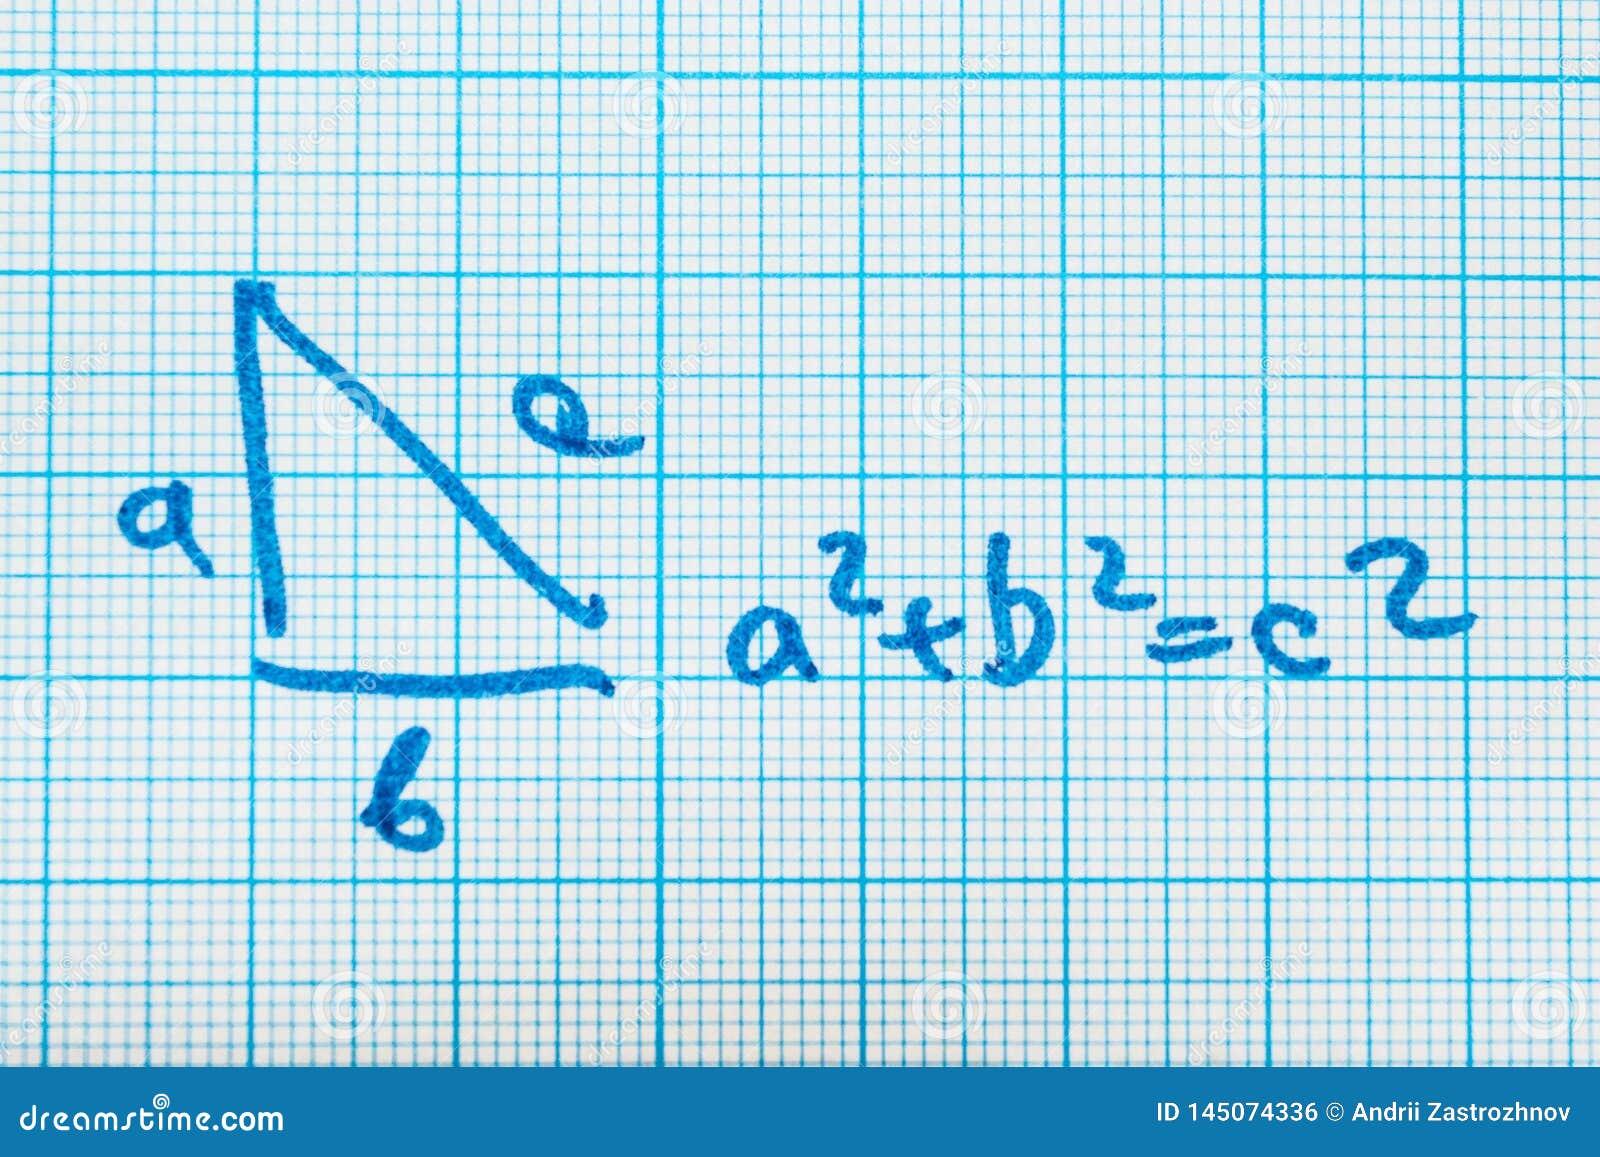 Teorema pitagorico Un esempio matematico con un modello del triangolo